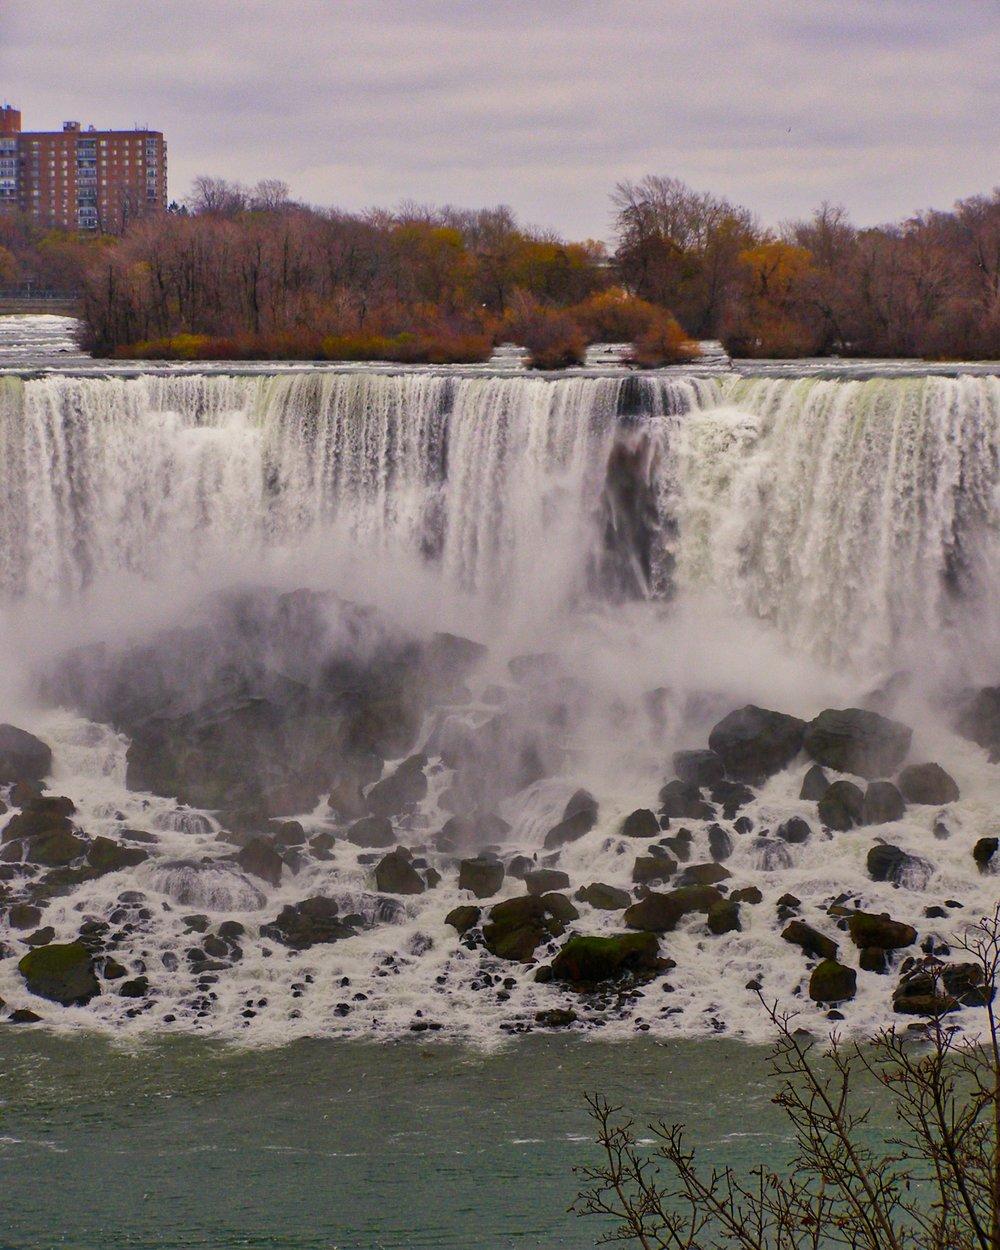 The Cascades, American Falls, Niagara